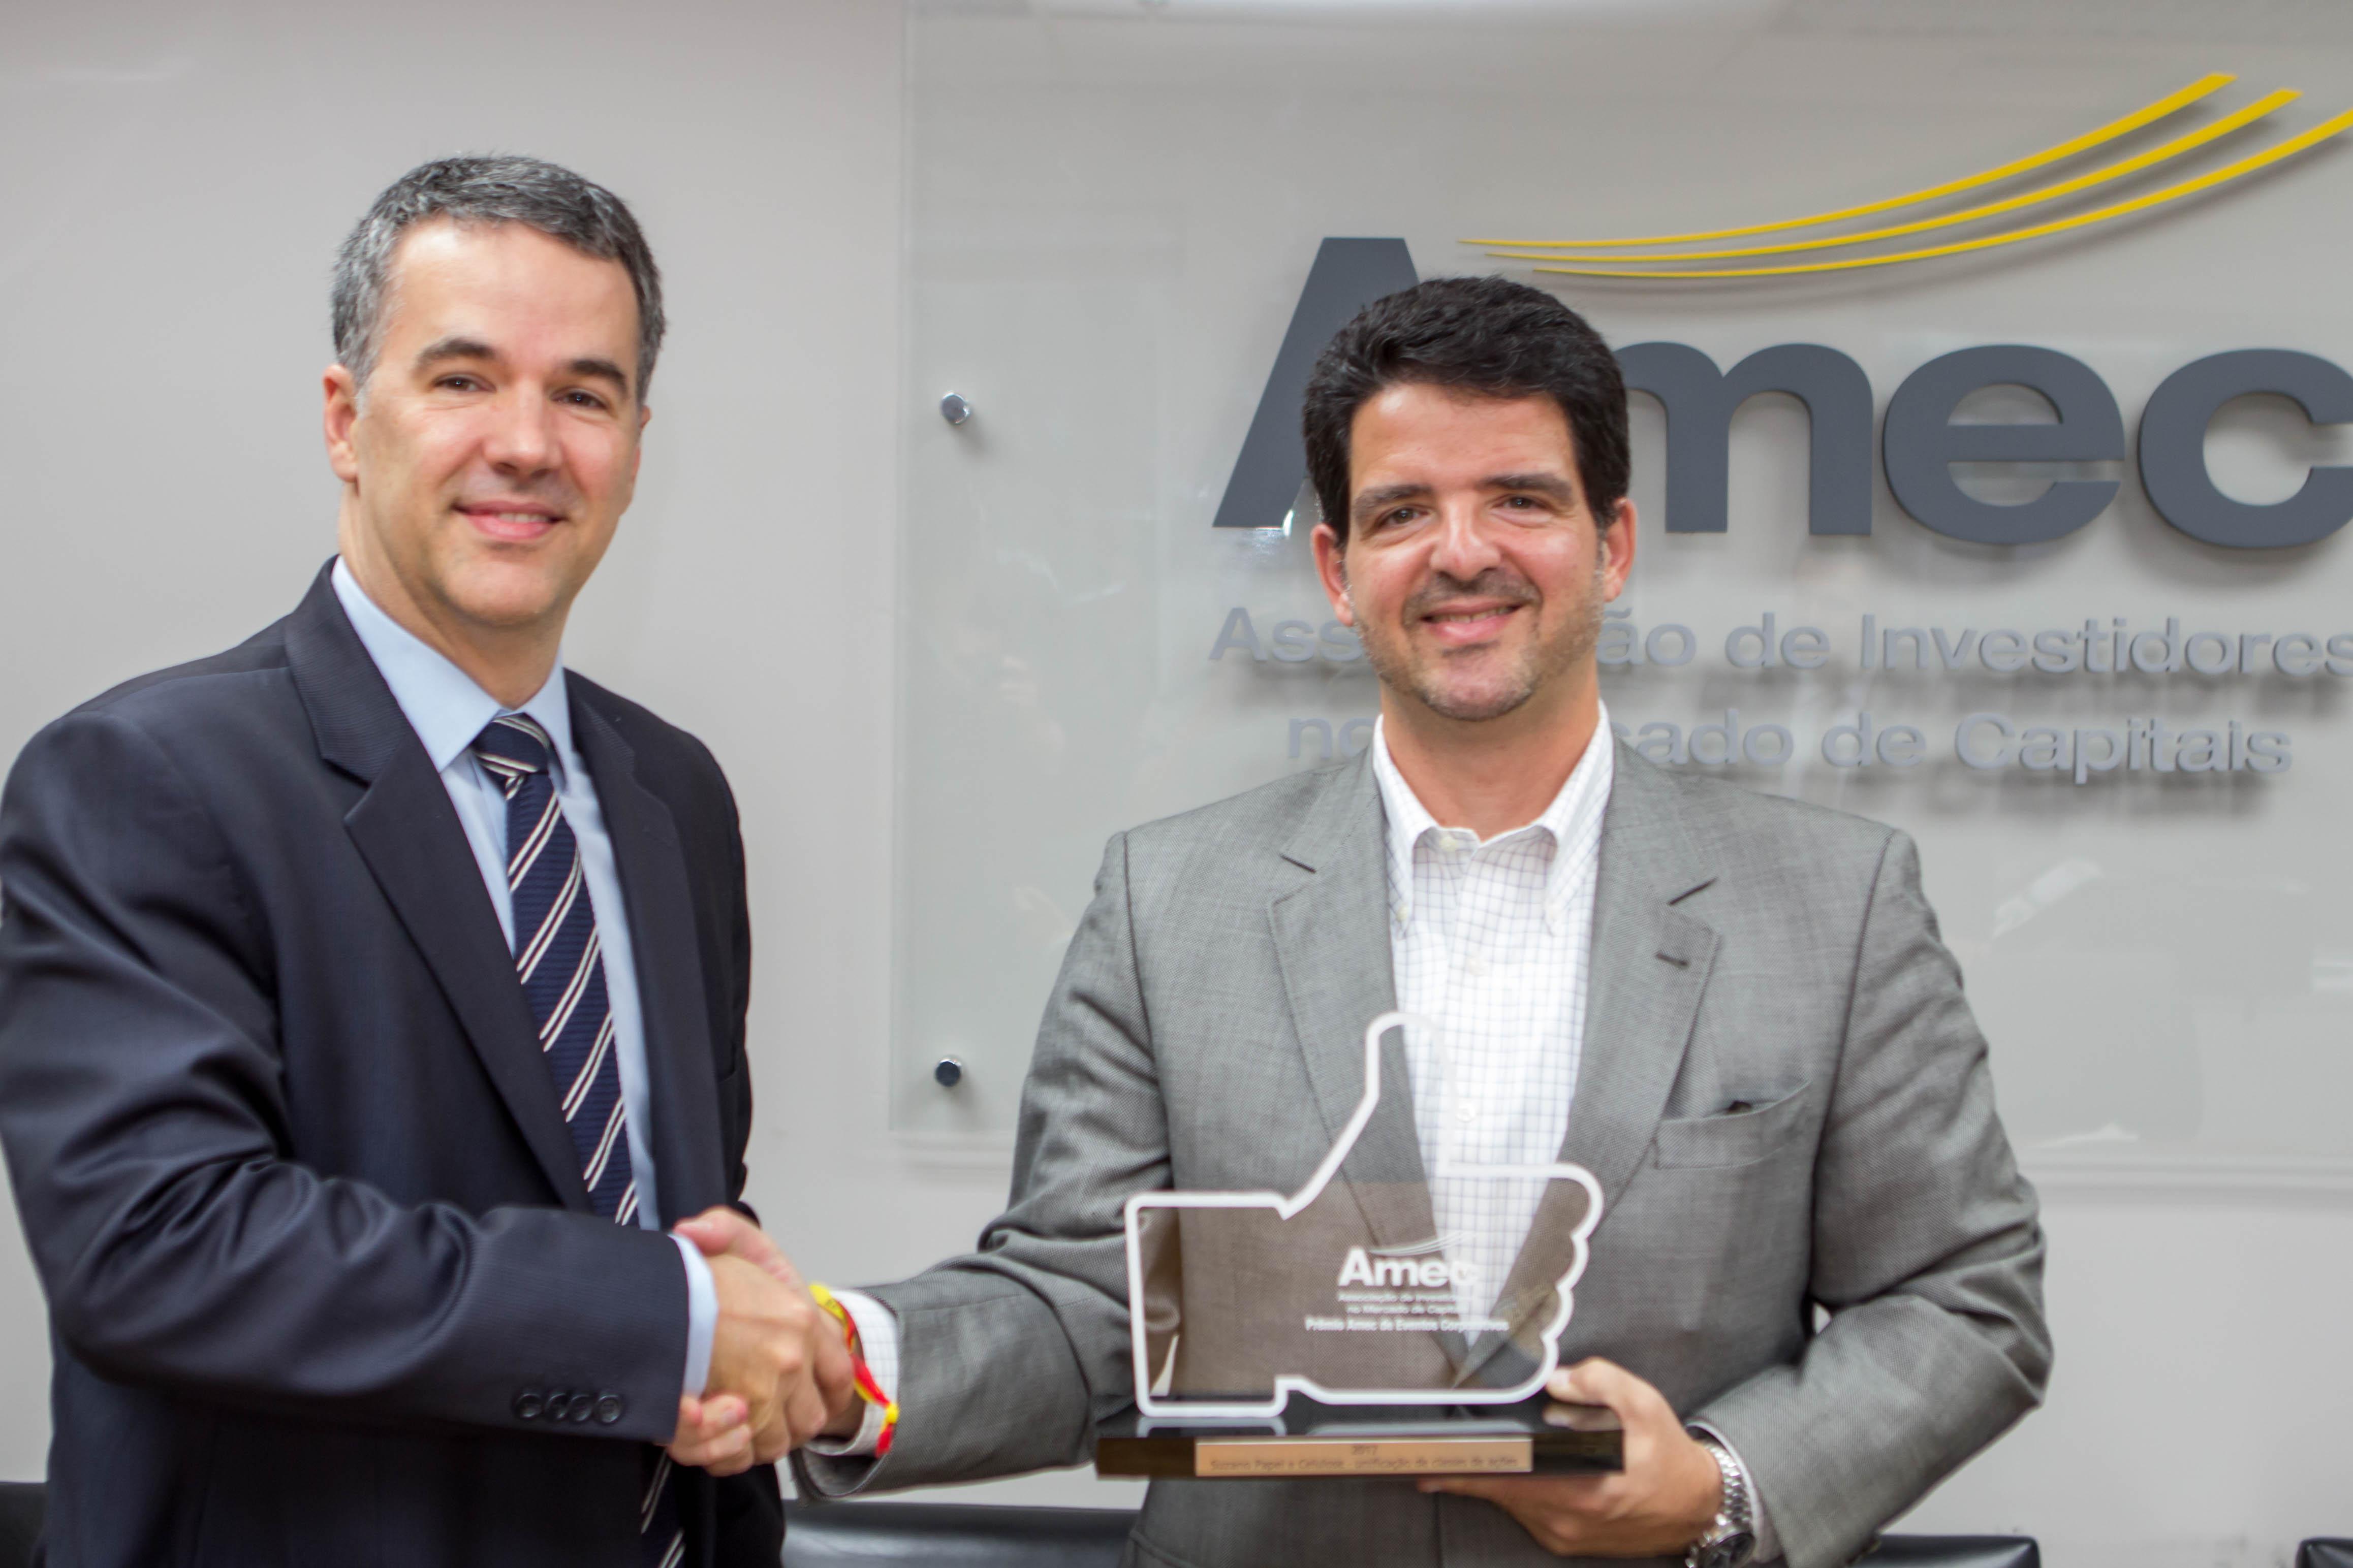 Presidente da Amec, Mauro Rodrigues da Cunha entrega o troféu para Marcelo Bacci, Diretor de Finanças e Relações com Investidores da Suzano